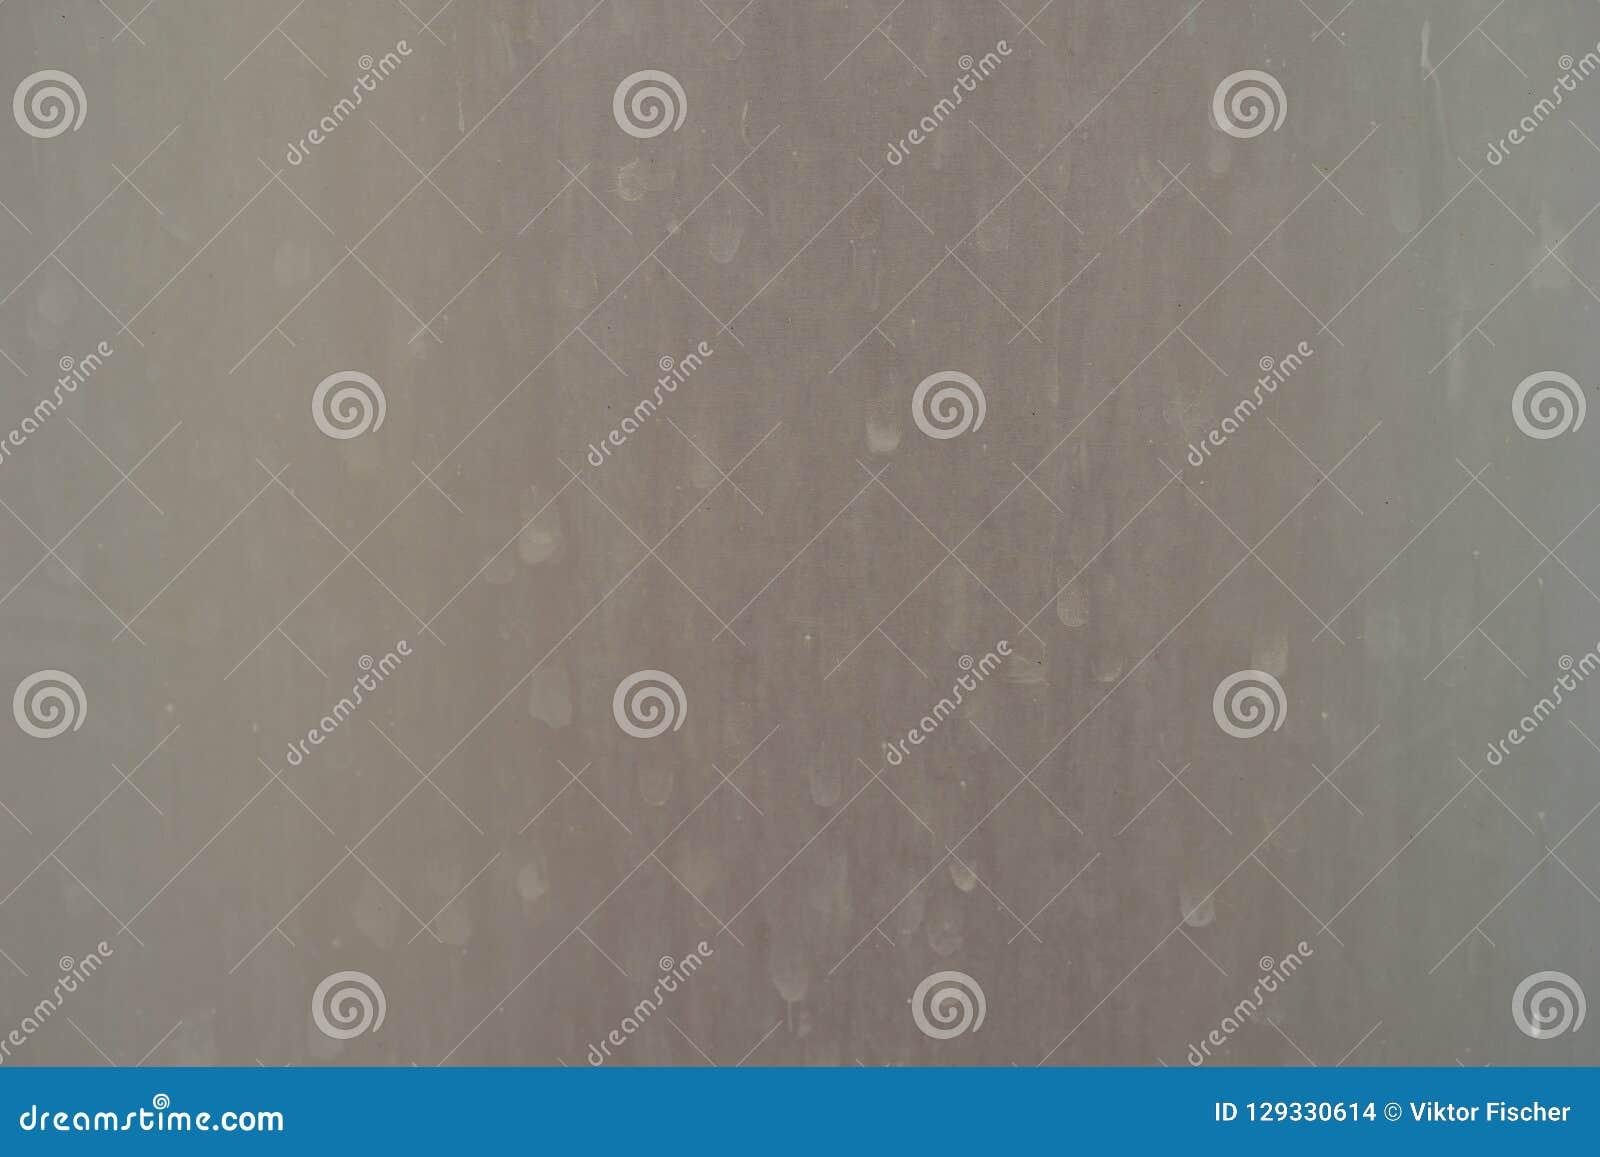 Fondo de la textura del metal o fondo del acero